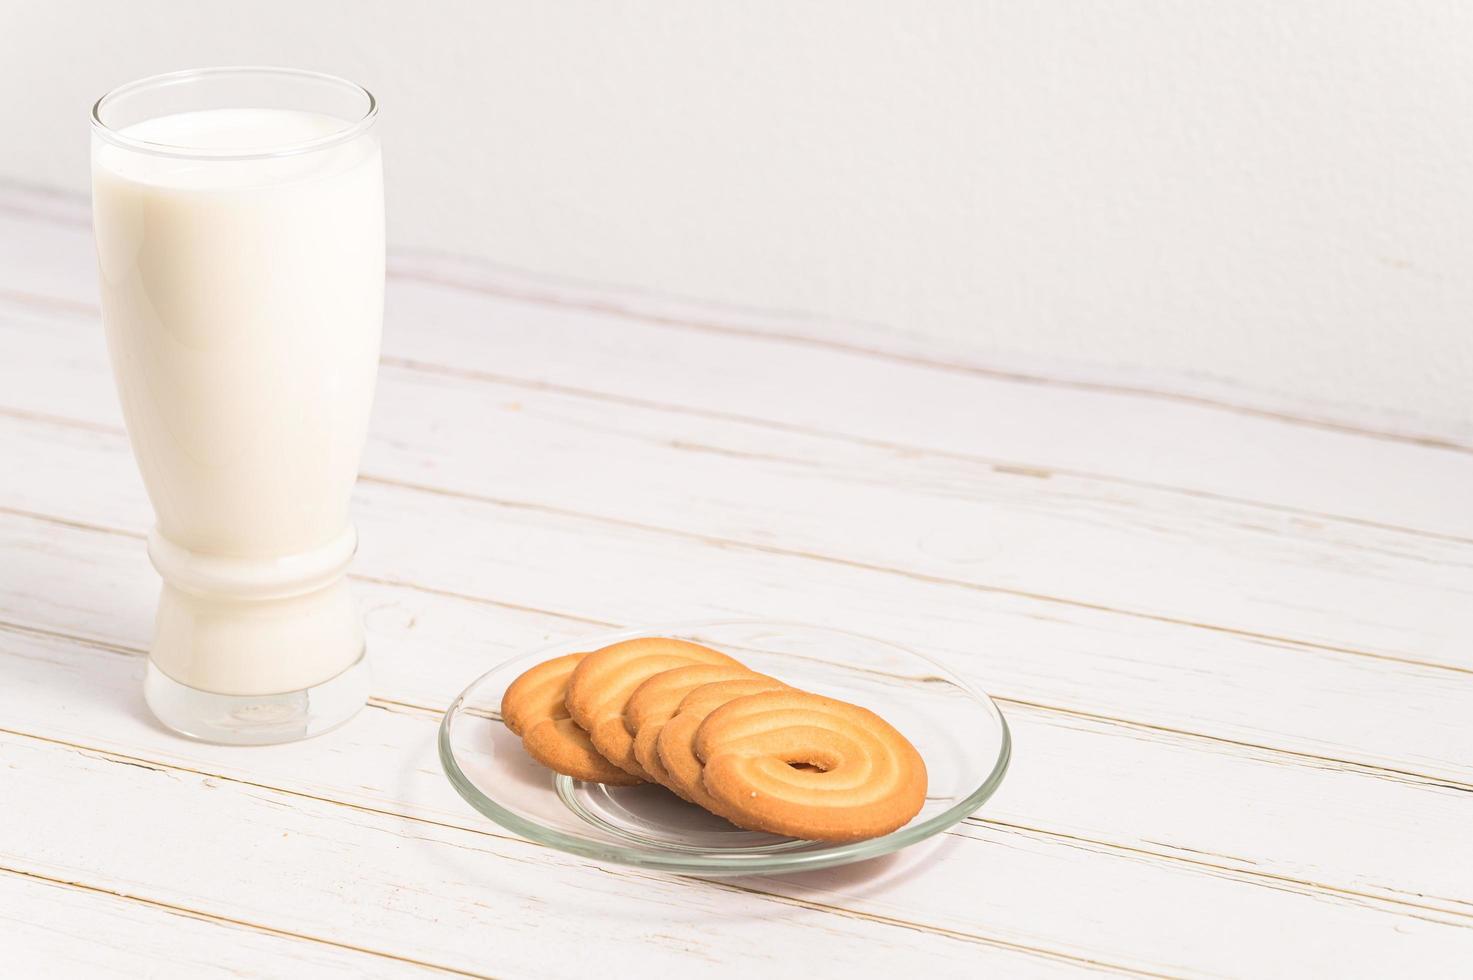 Weltmilchtag, Milch trinken und Kekse essen, gesundes Frühstück foto